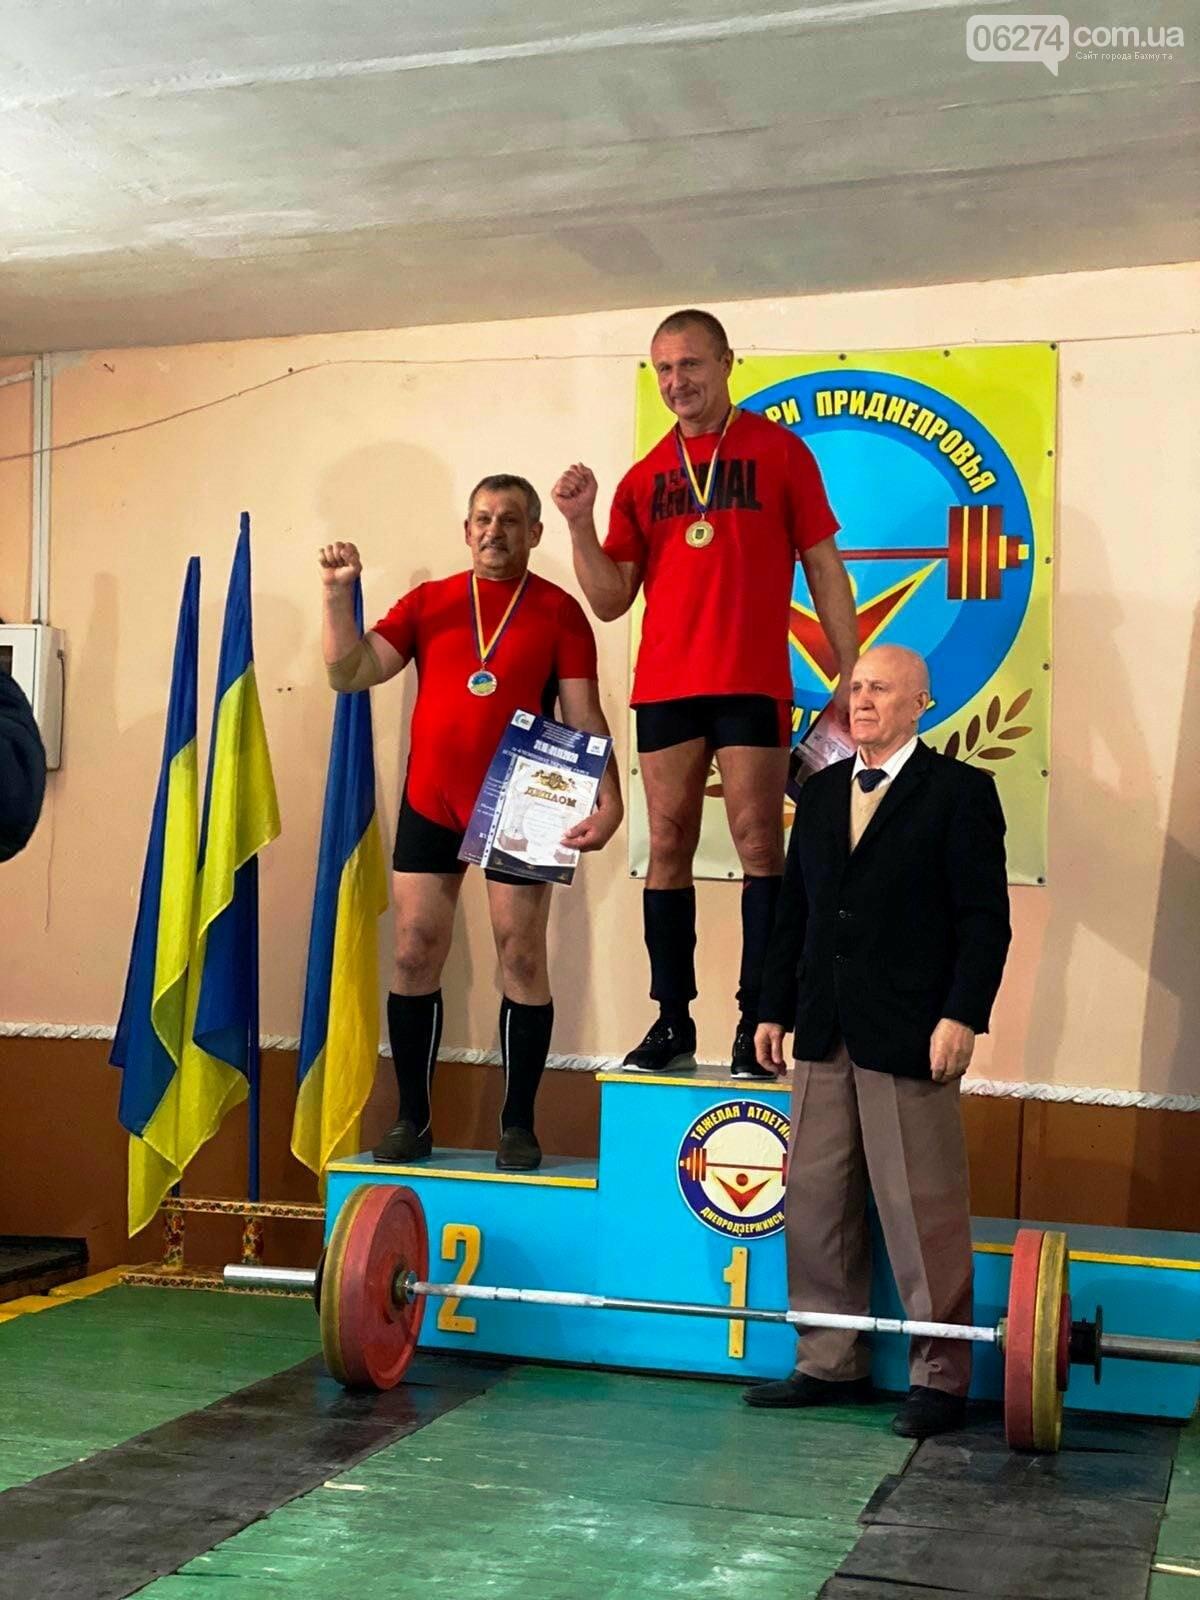 Тяжелоатлеты Бахмута стали призерами чемпионата Украины среди ветеранов, фото-7